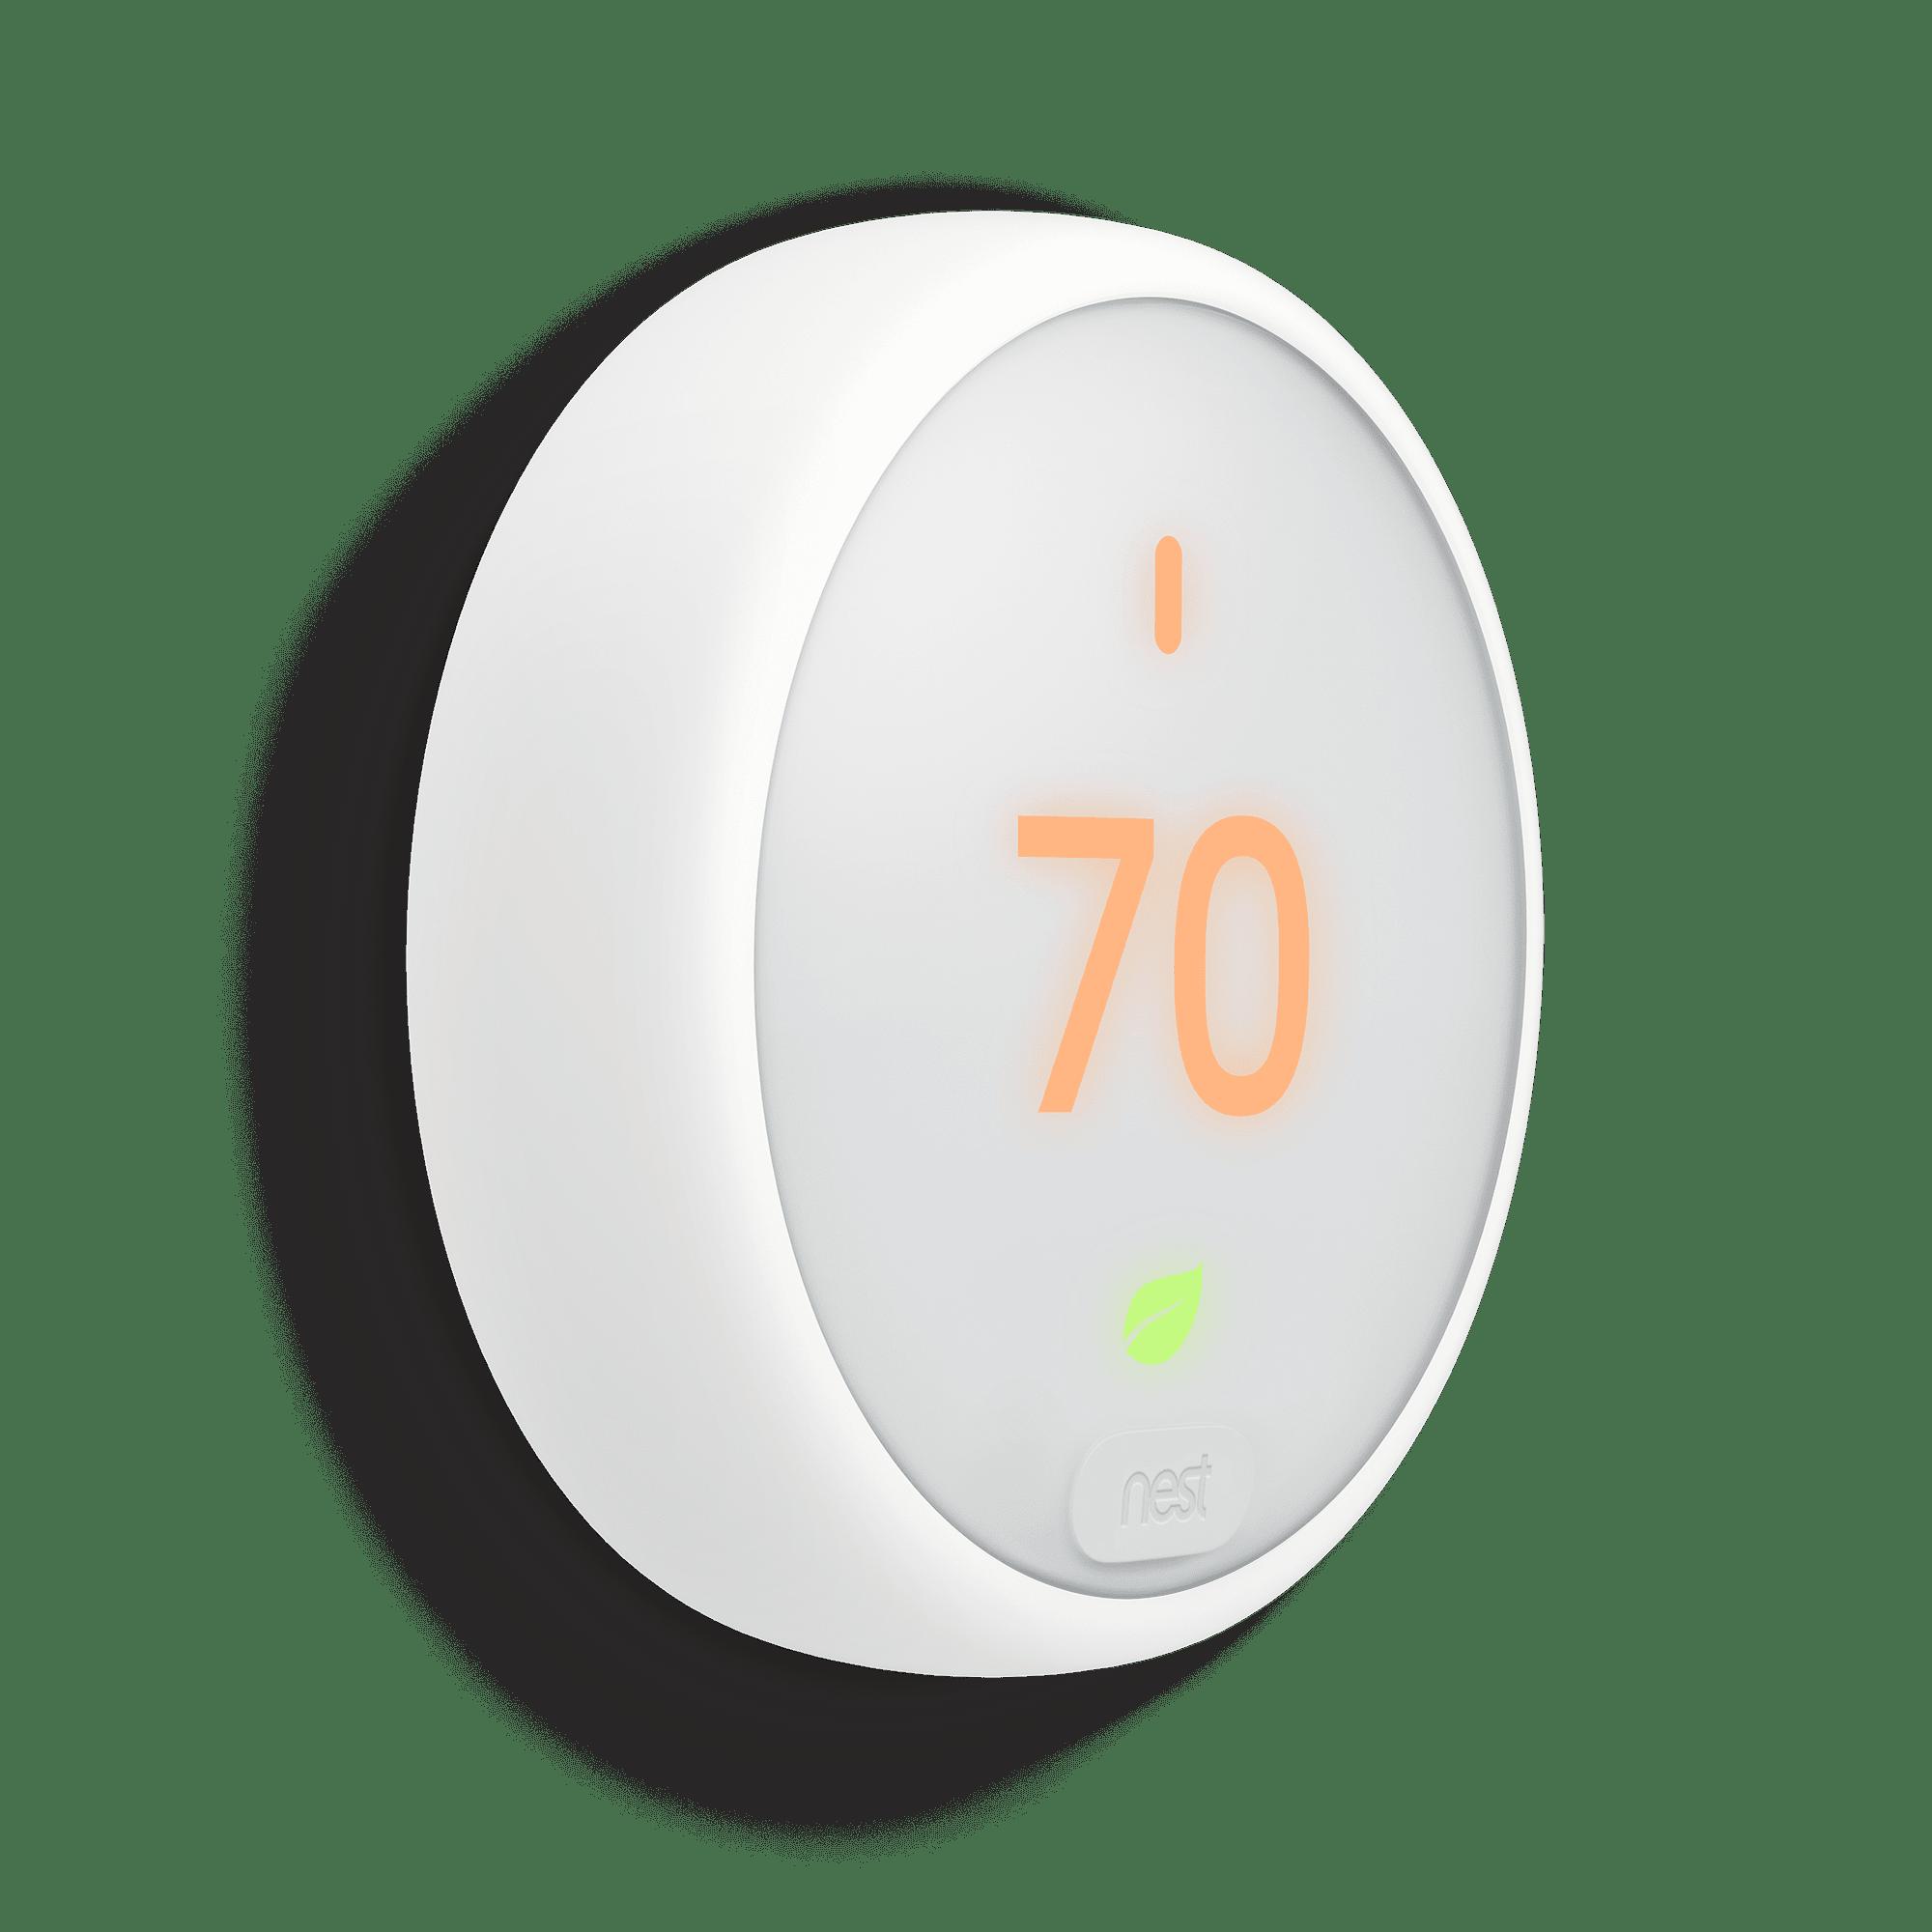 Nest Thermostat E - Walmart.com